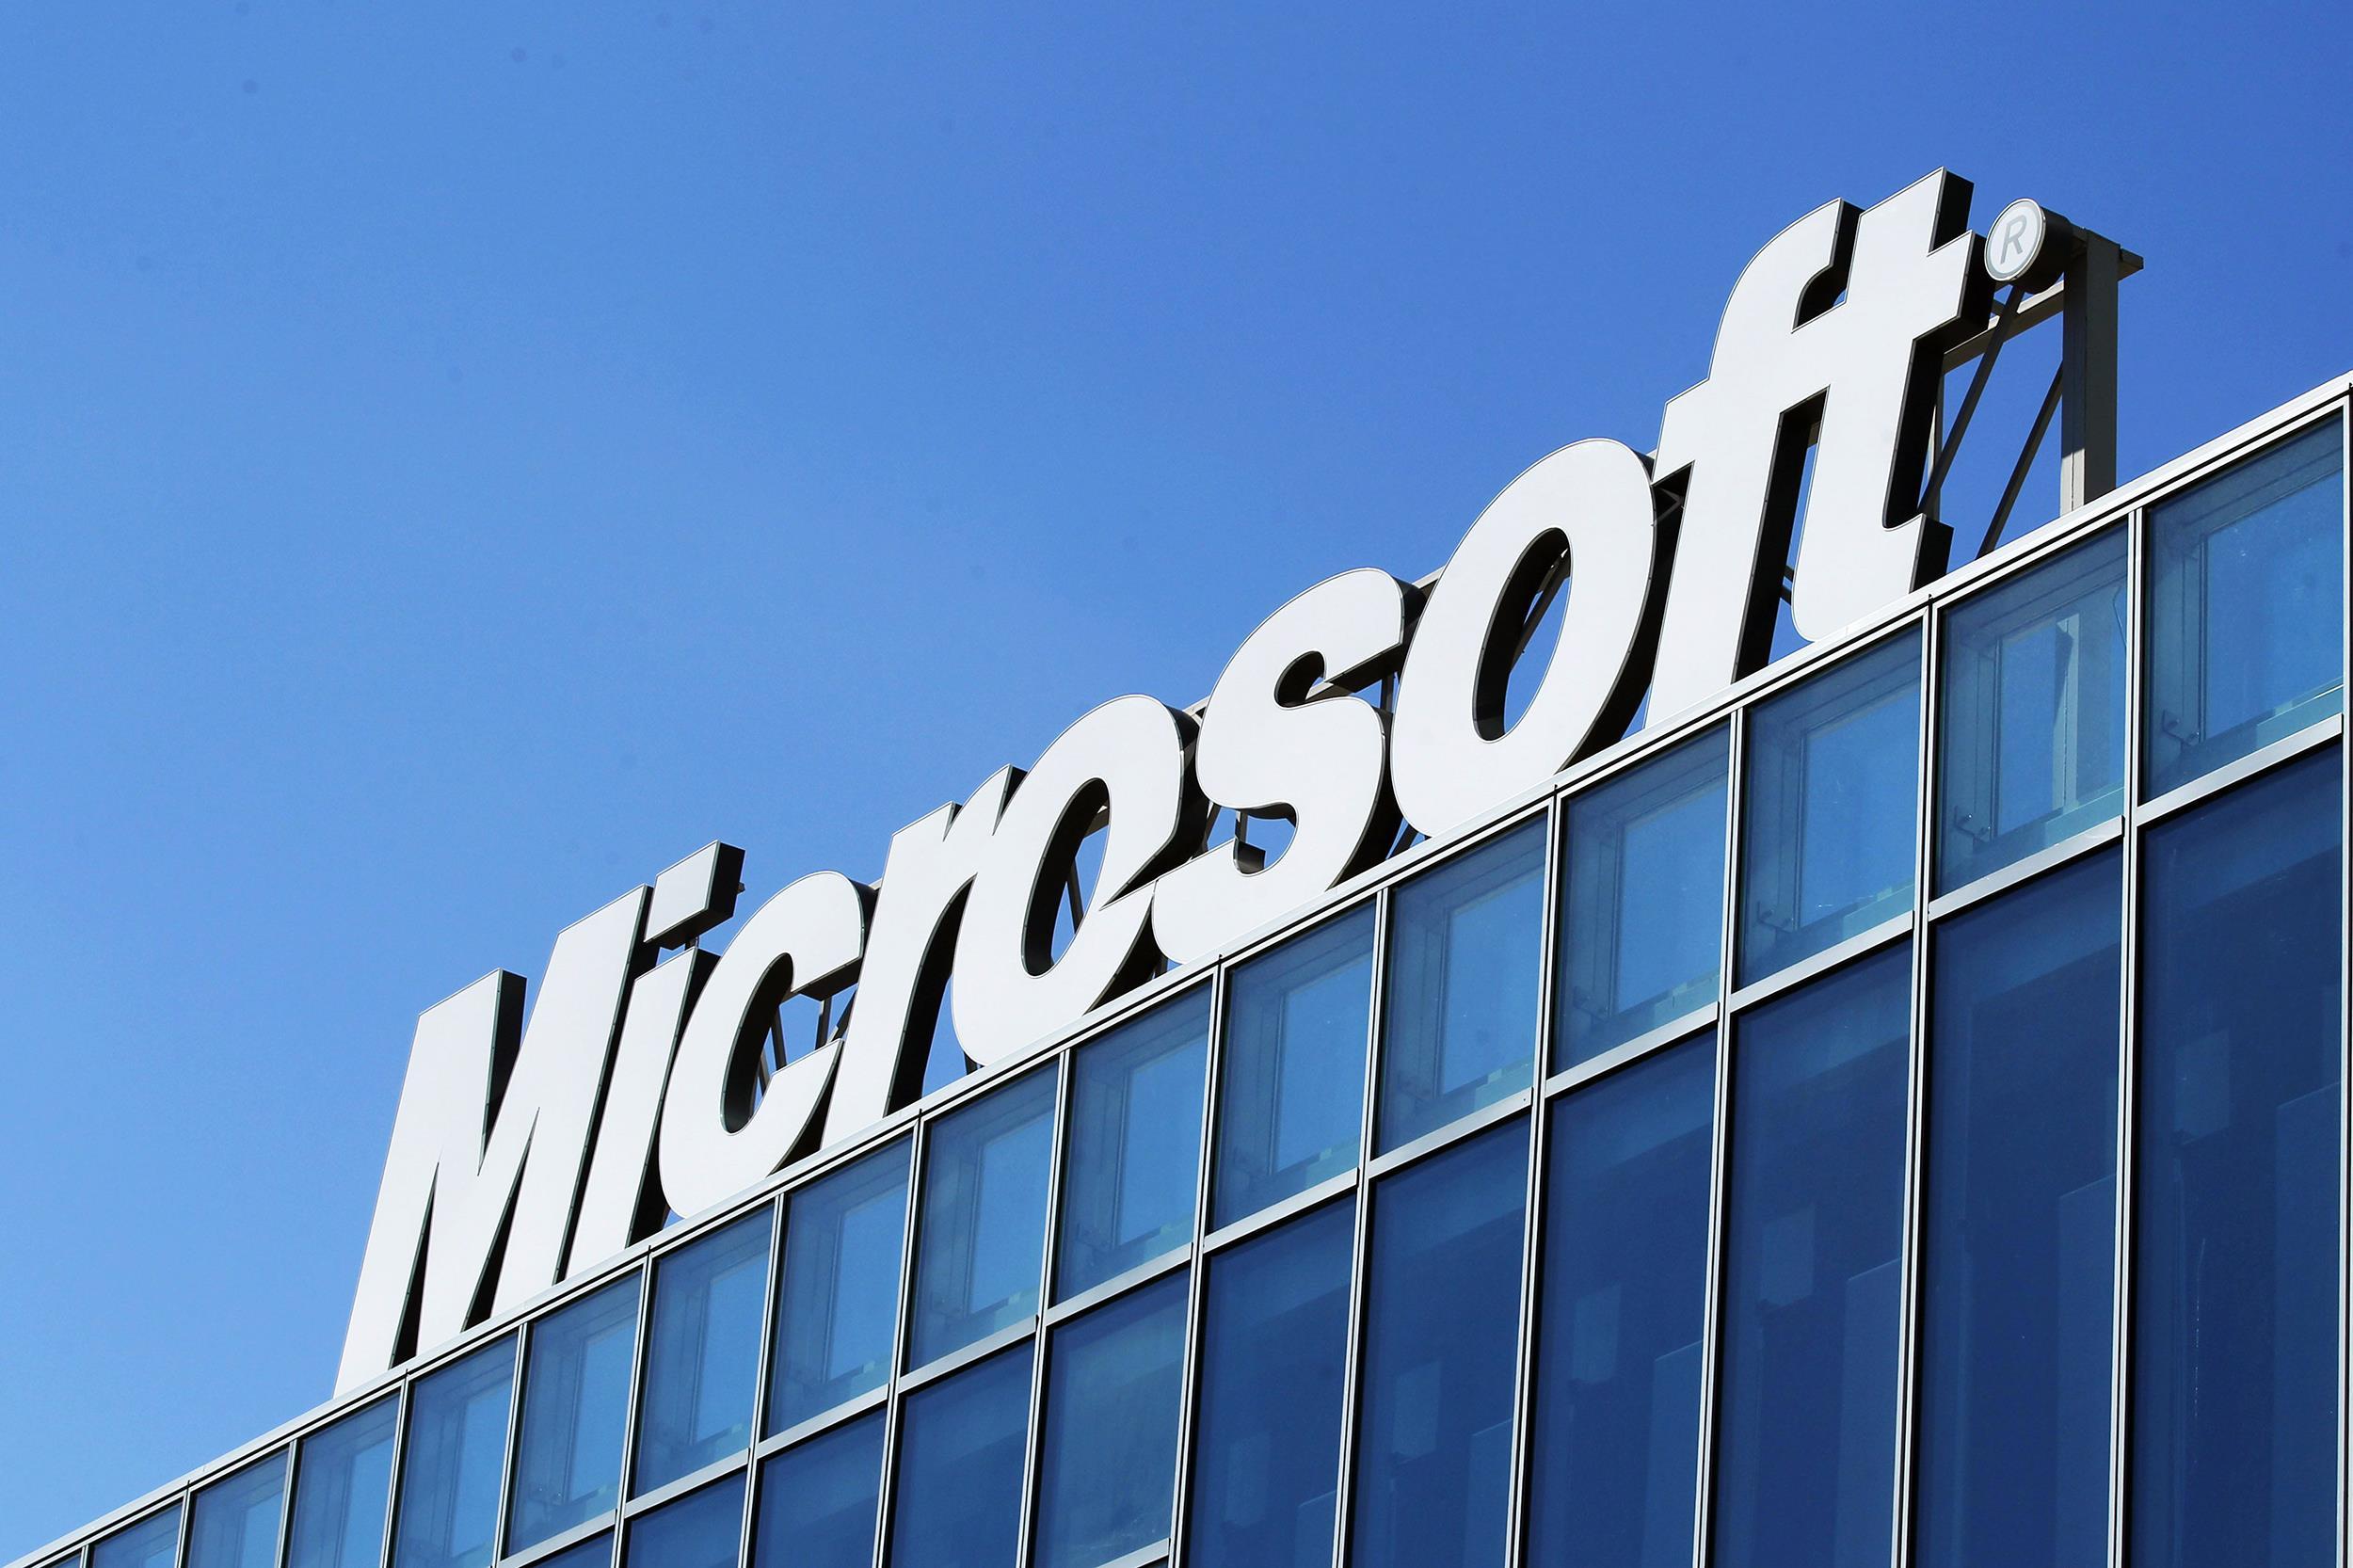 La gigante anunció la creación de la unidad Microsoft AI and Research Group para el desarrollo y aplicación de esta tecnología